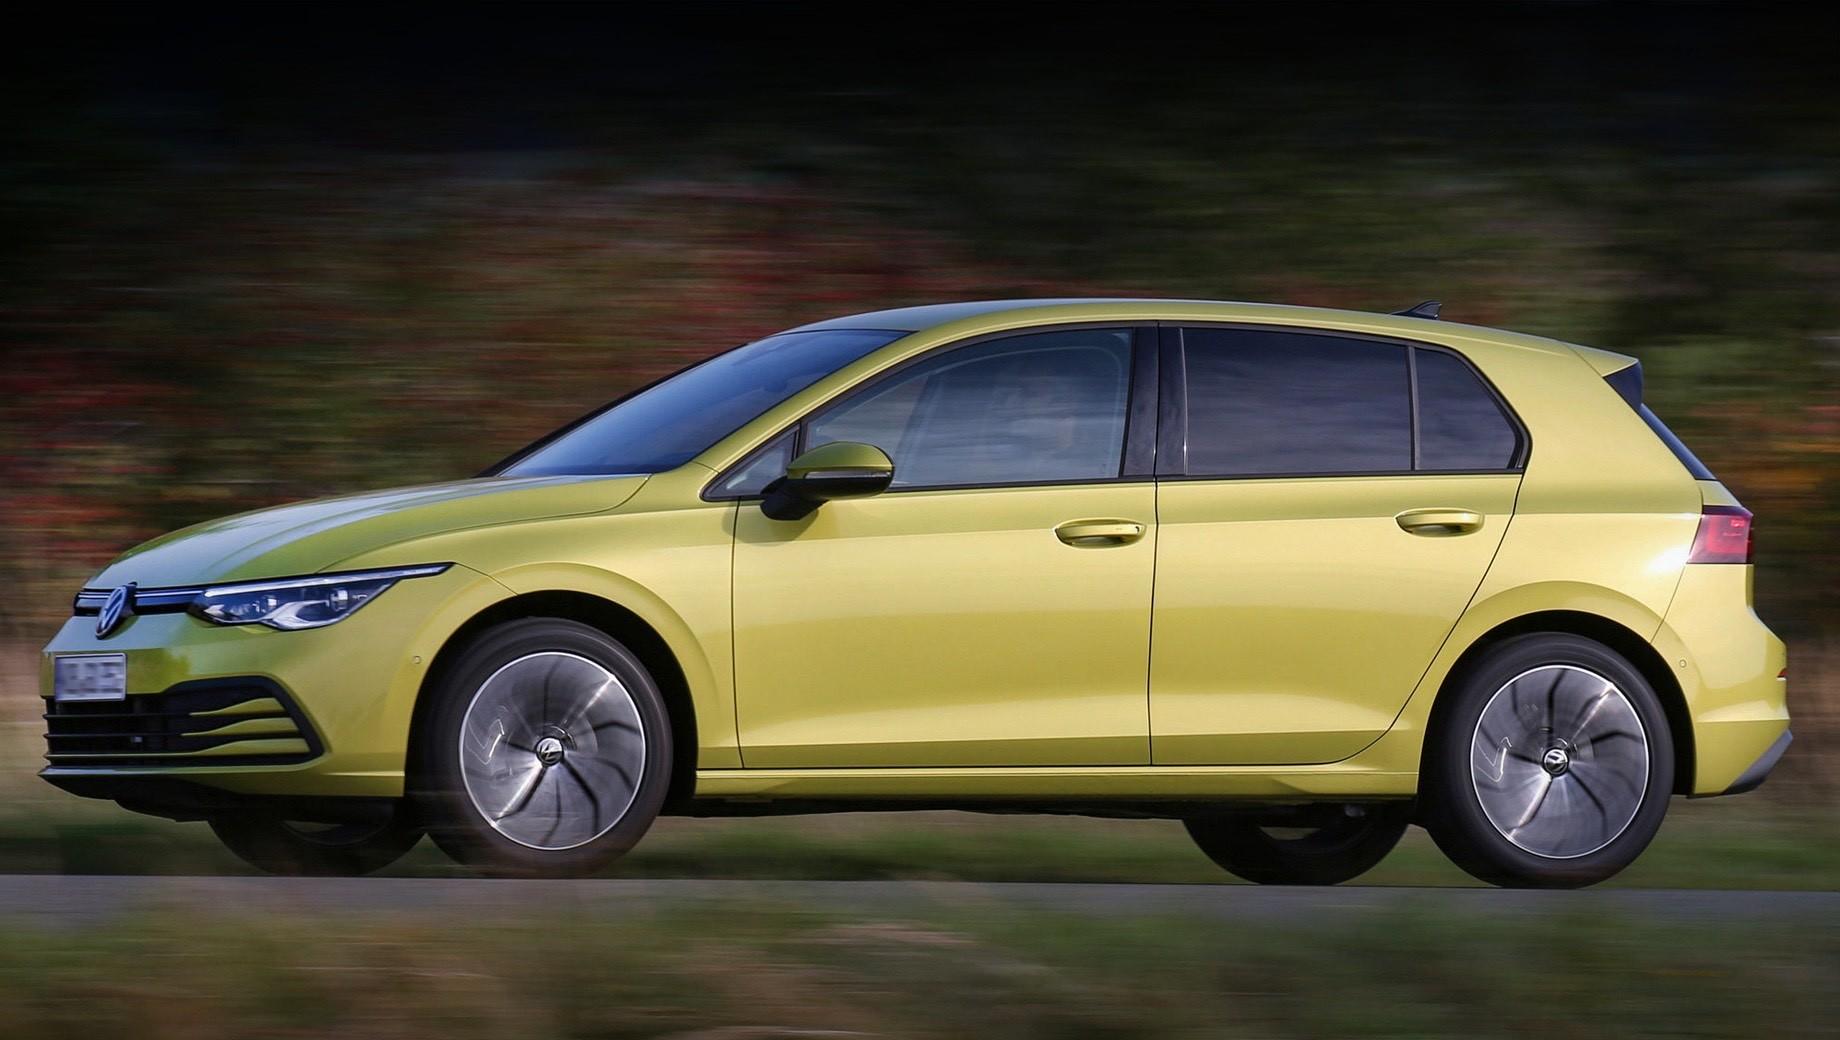 Volkswagen golf,Volkswagen golf tgi. На немецкой земле метановый Volkswagen Golf TGI продаётся в единственной комплектации Life и оценивается в 30 935 евро (2,8 млн рублей). Для сравнения, за Audi A3 g-tron просят 30 706 евро (2,8 млн рублей), а лифтбек Skoda Octavia G-Tec — 30 276 евро (2,77 млн).